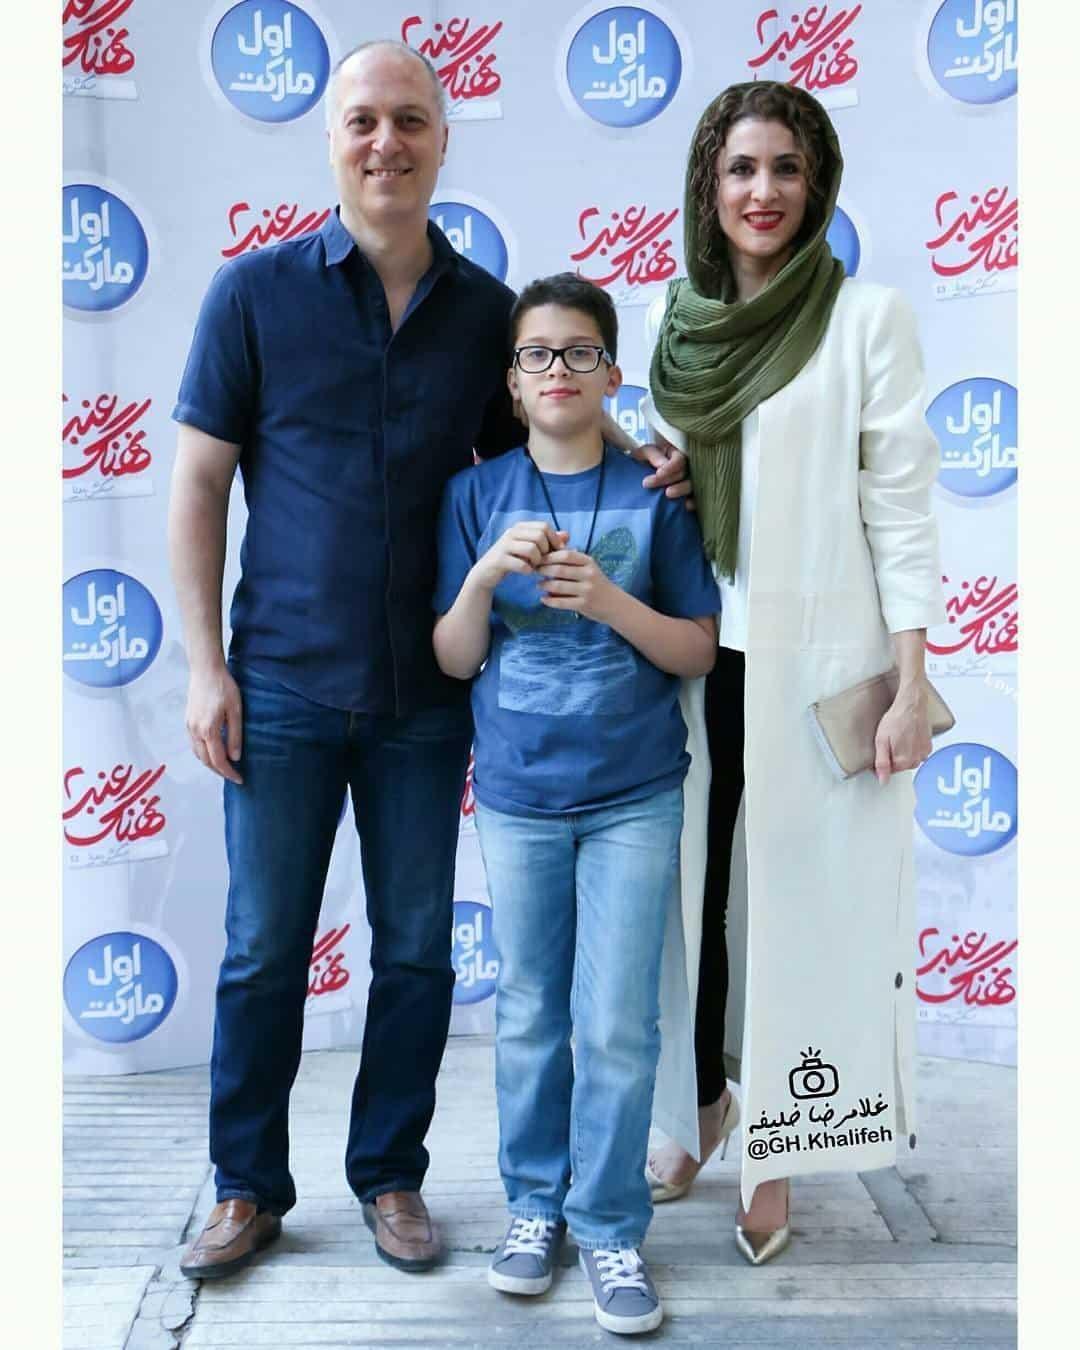 ویشکا آسایش همراه همسر و فرزندش در اکران فیلم نهنگ عنبر۲